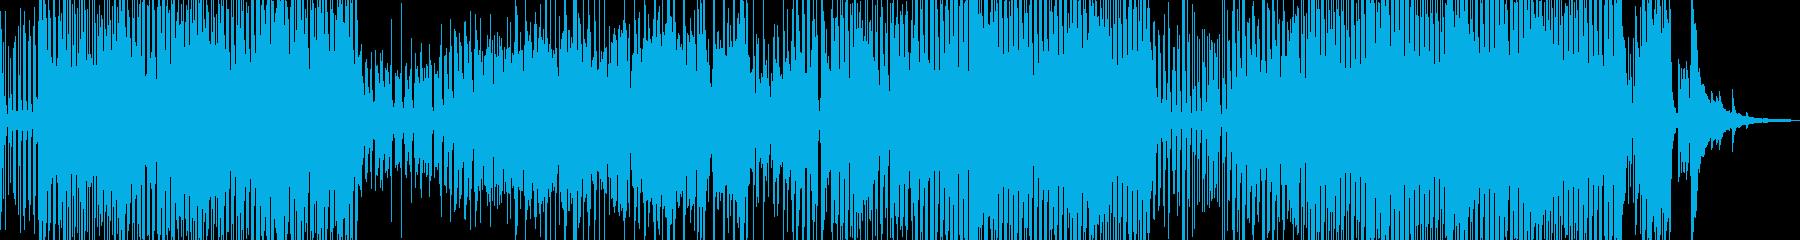 飲み会・三味線&和太鼓の宴ジャズ 軽快の再生済みの波形